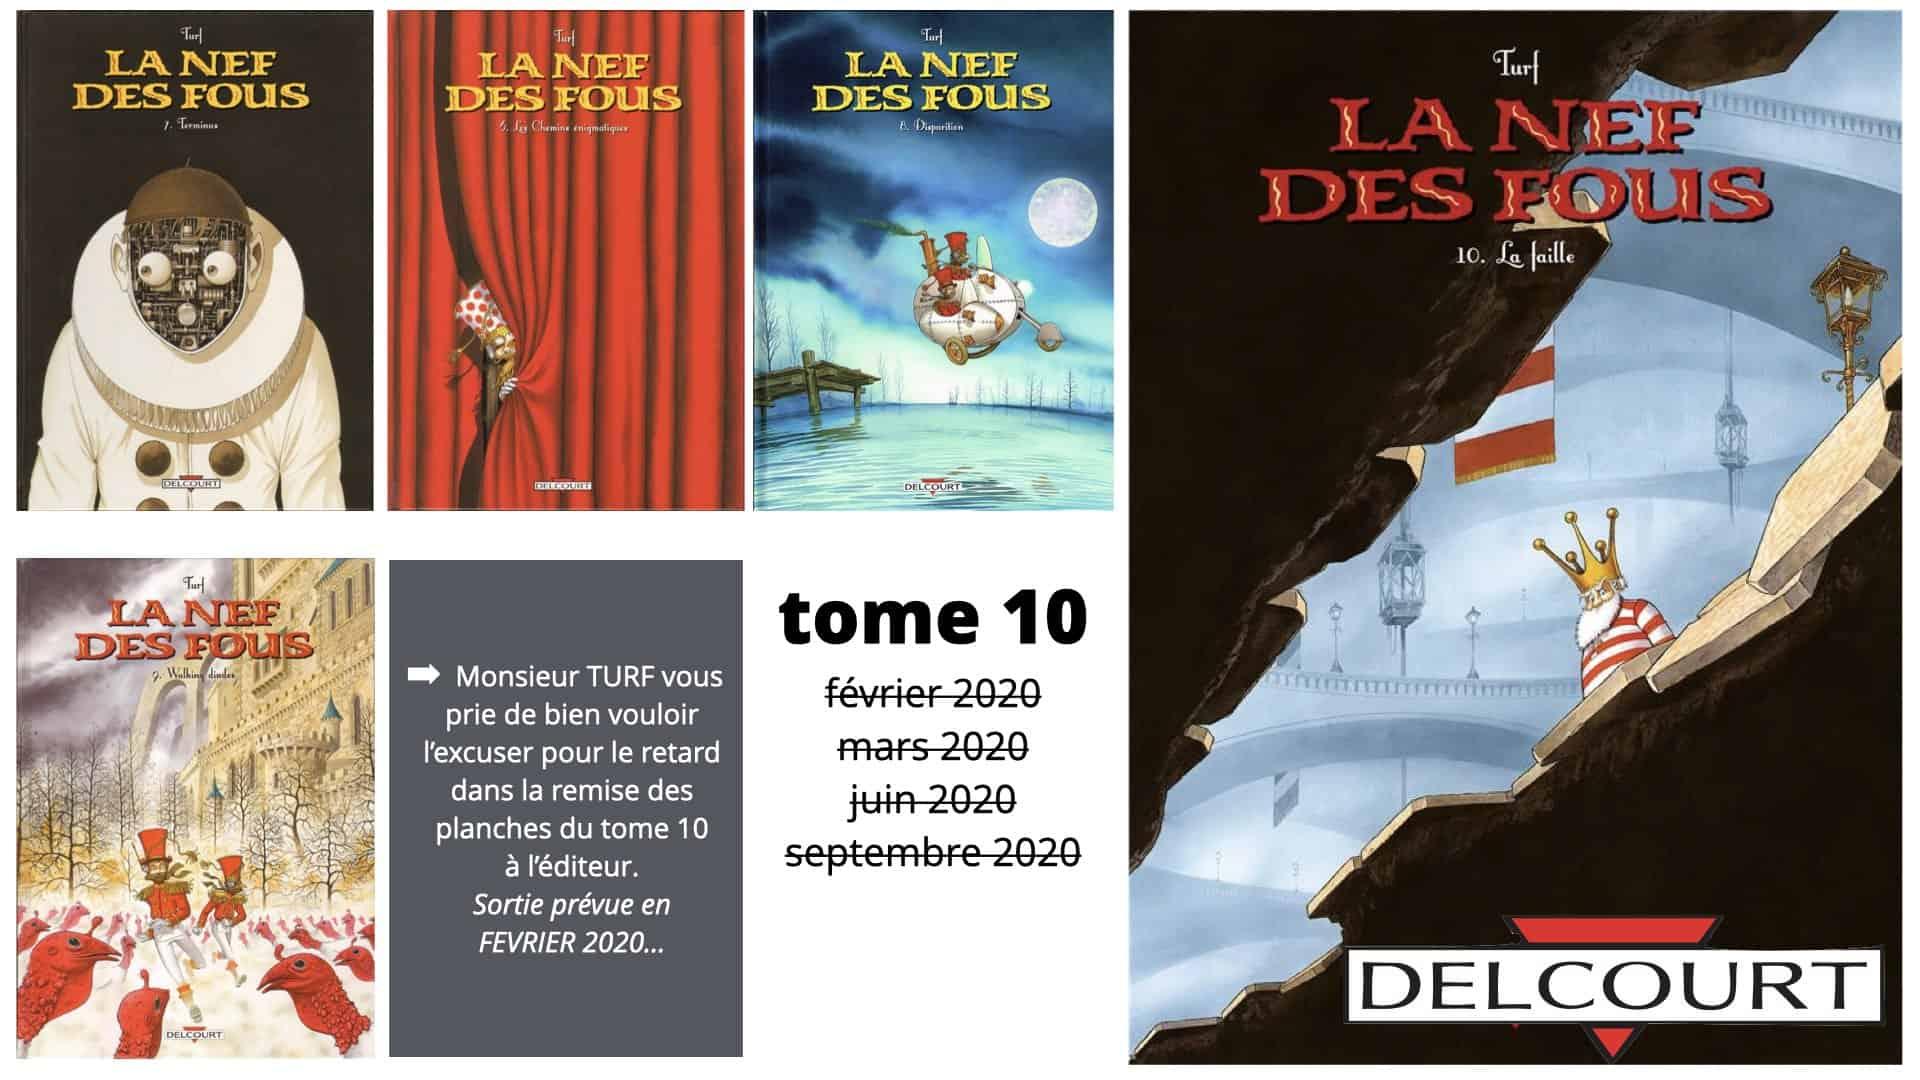 314 PRO BTP © Ledieu-avocat 03-12-2020.076